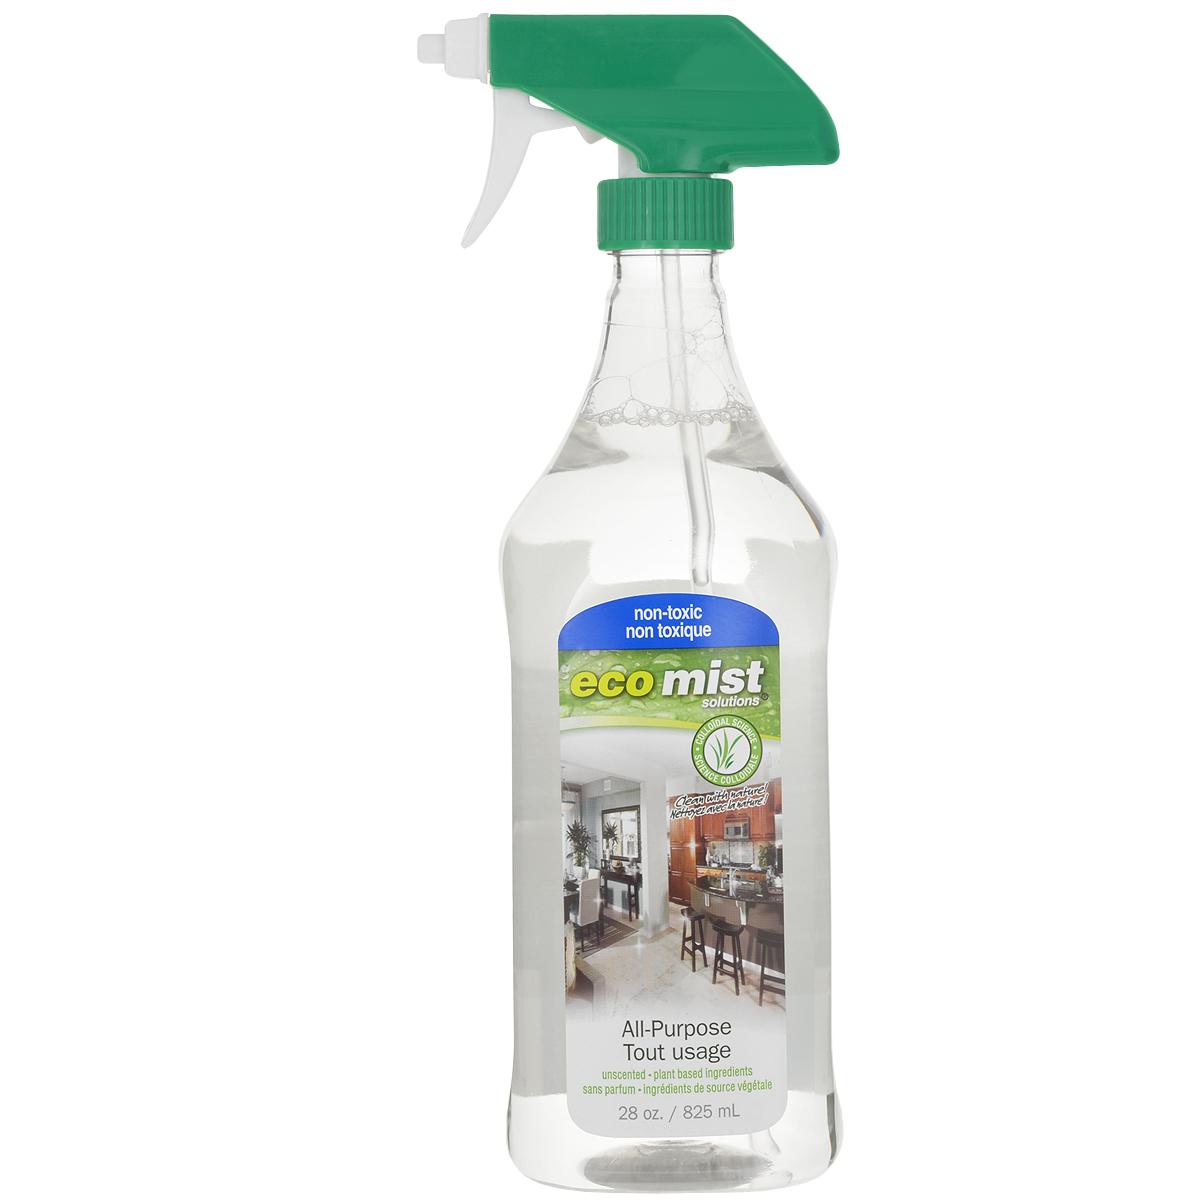 Средство универсальное для очистки любых поверхностей Eco Mist, 825 млSWH RE15 50 VИдеальное, высоконконцентрированное универсальное средство Eco Mist для придания чистоты любым поверхностям в доме, в том числе детских игрушек, полови предметов в детской комнате. Также подходит для мытья предметов при уходе за пациентами. Это чистящее средство можно разбавить для приготовления рабочего раствора в пропорции 1:7, то есть 100 мл средства на 700 мл воды. Идеальная чистота - гарантированное здоровье для вас, ваших детей, близких и домашних животных. Не токсично. Без запаха.Состав: дехлорированная вода, кукуруза, древесный сок, трава, экстракт картофеля, сахарный тростник.